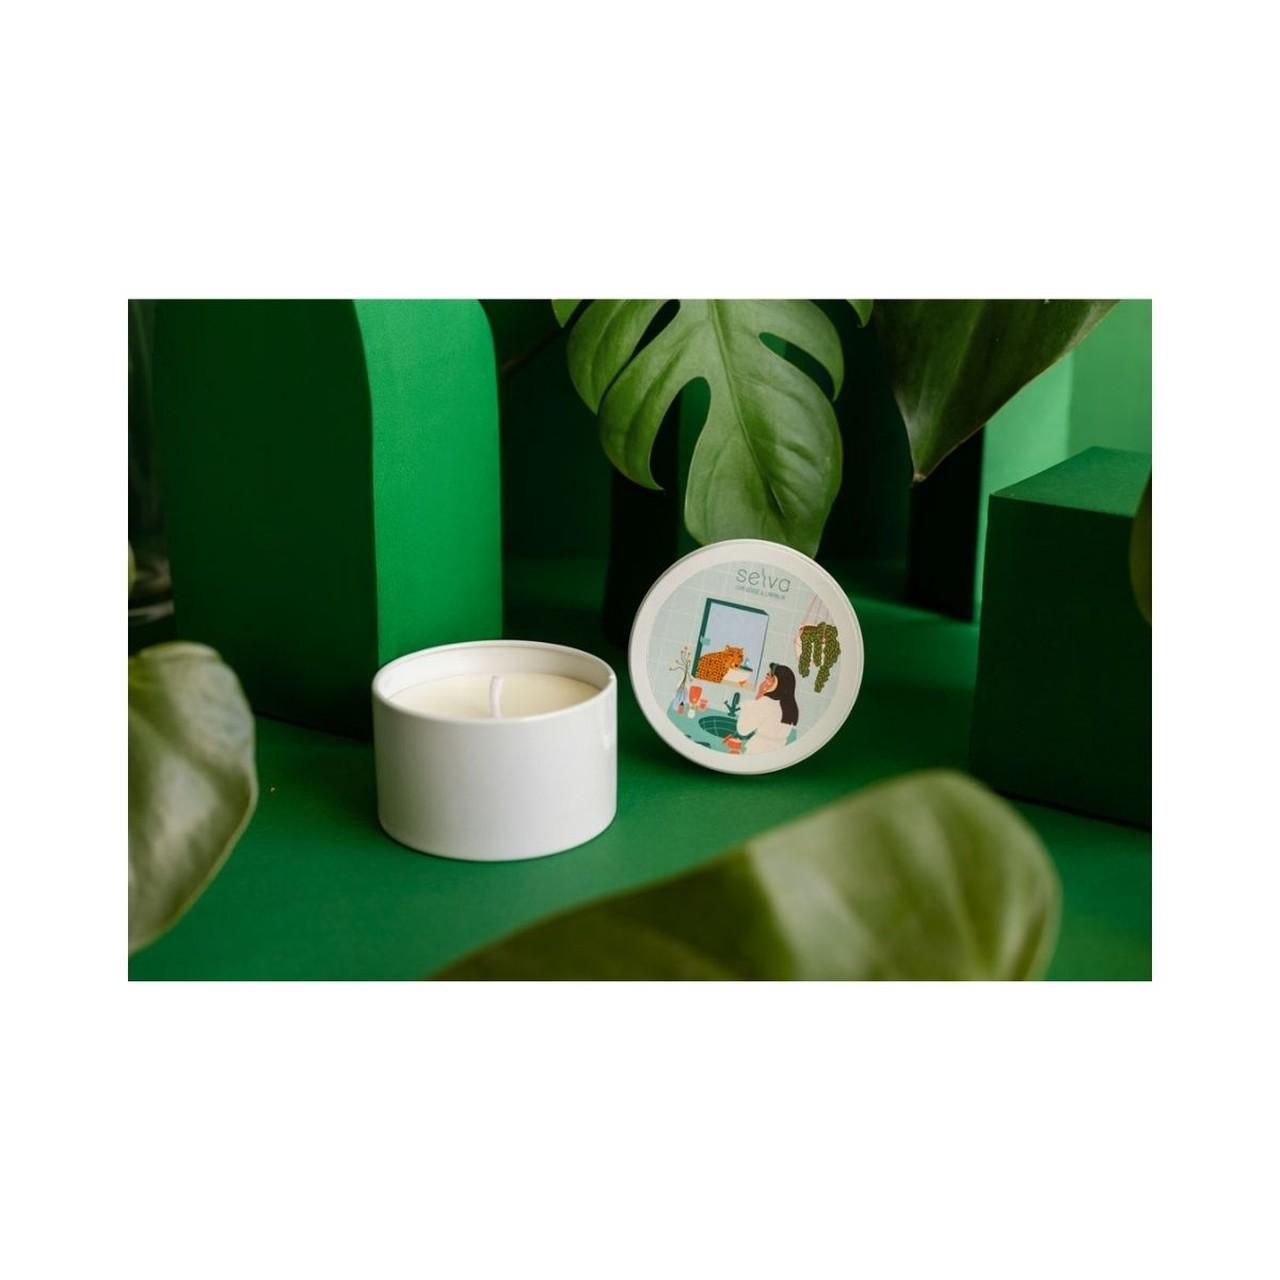 Vela Selva - Artesanal e ecológica - Laranja e Chá Verde - 100g